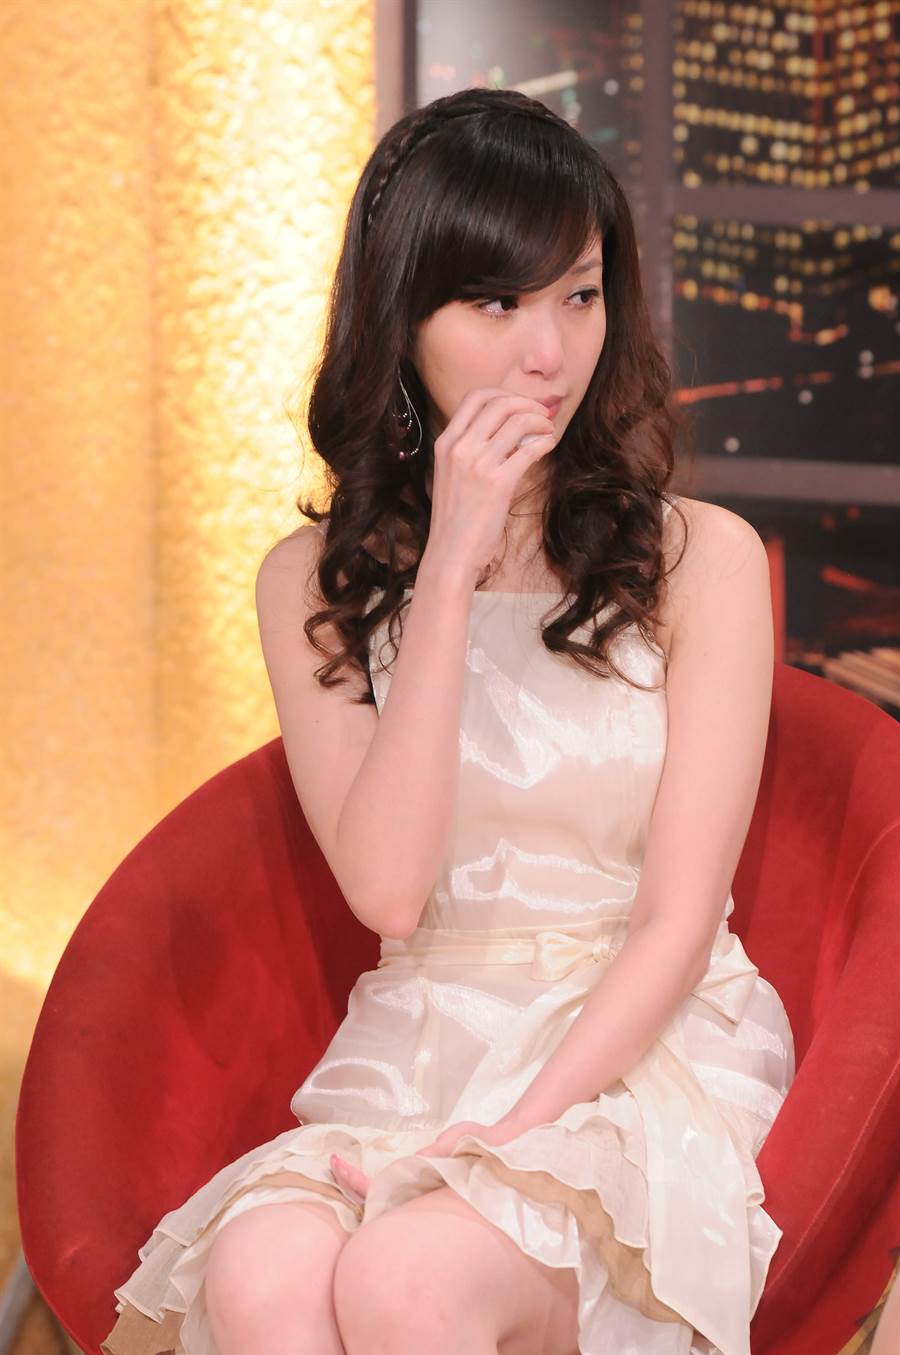 蔡郁璇2011年在节目谈到高国华未见女儿半年,她不禁哽咽落泪。(图/本报系资料照片)